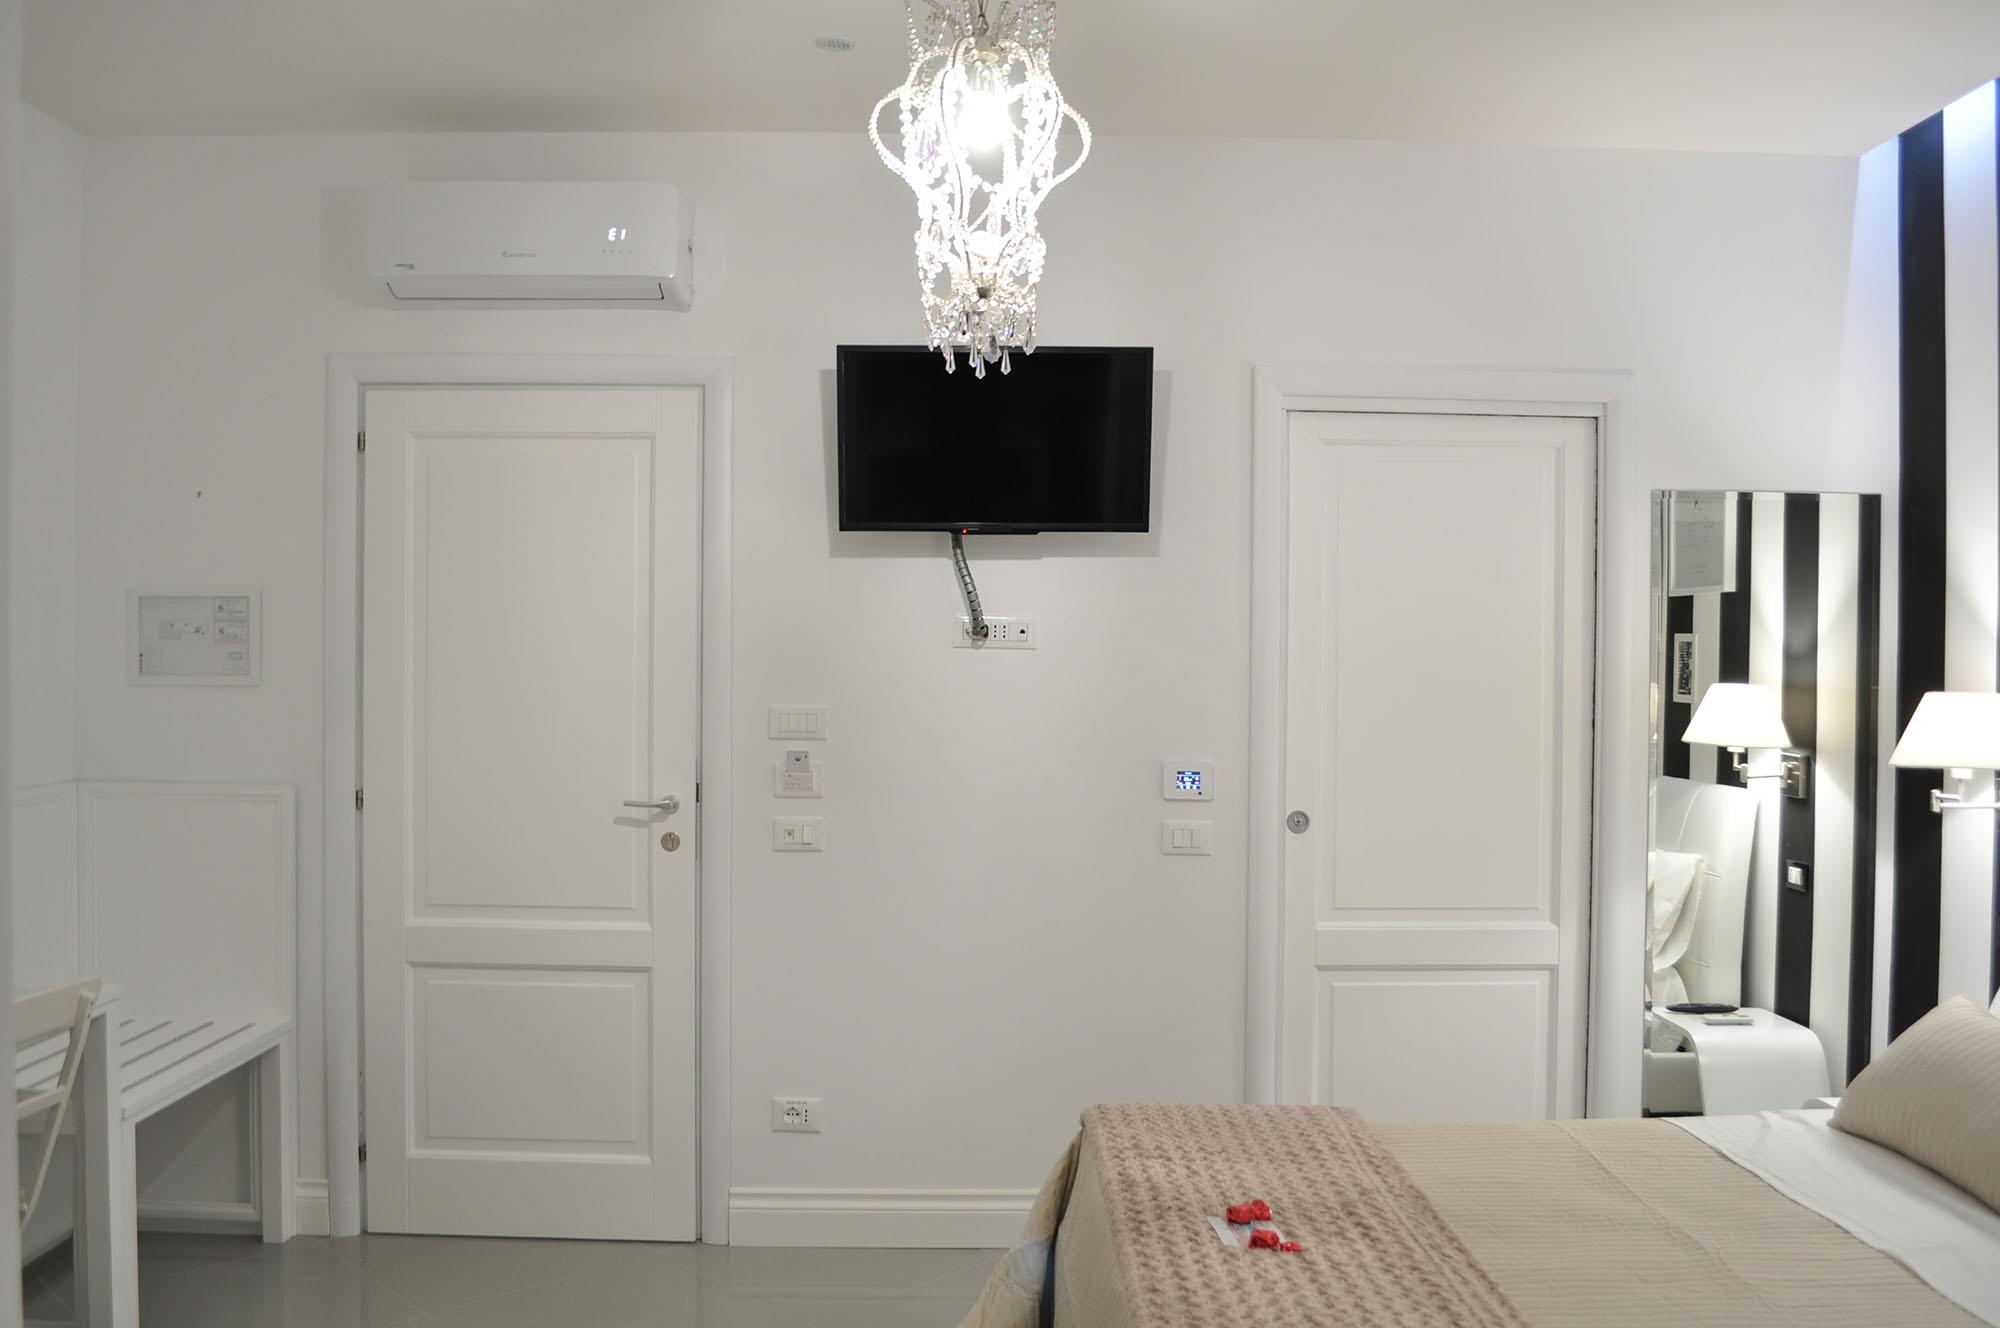 Camera da letto falegnameria su misura roma (5)